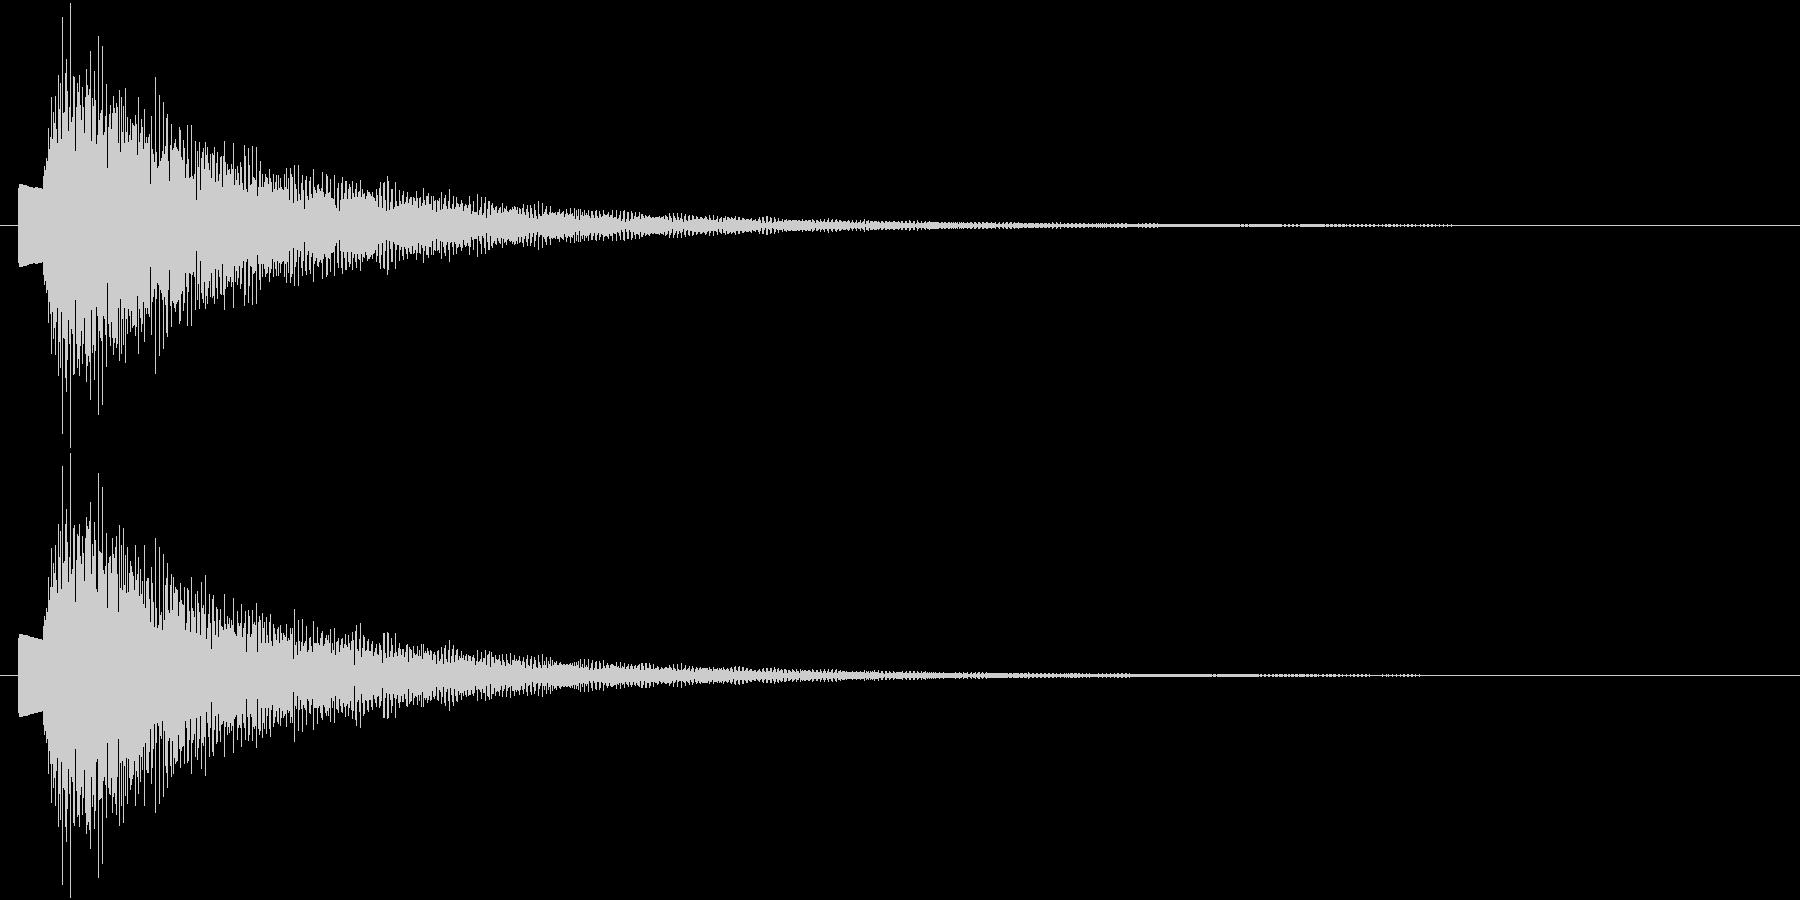 エレクトリックピアノ ピロリーンの未再生の波形